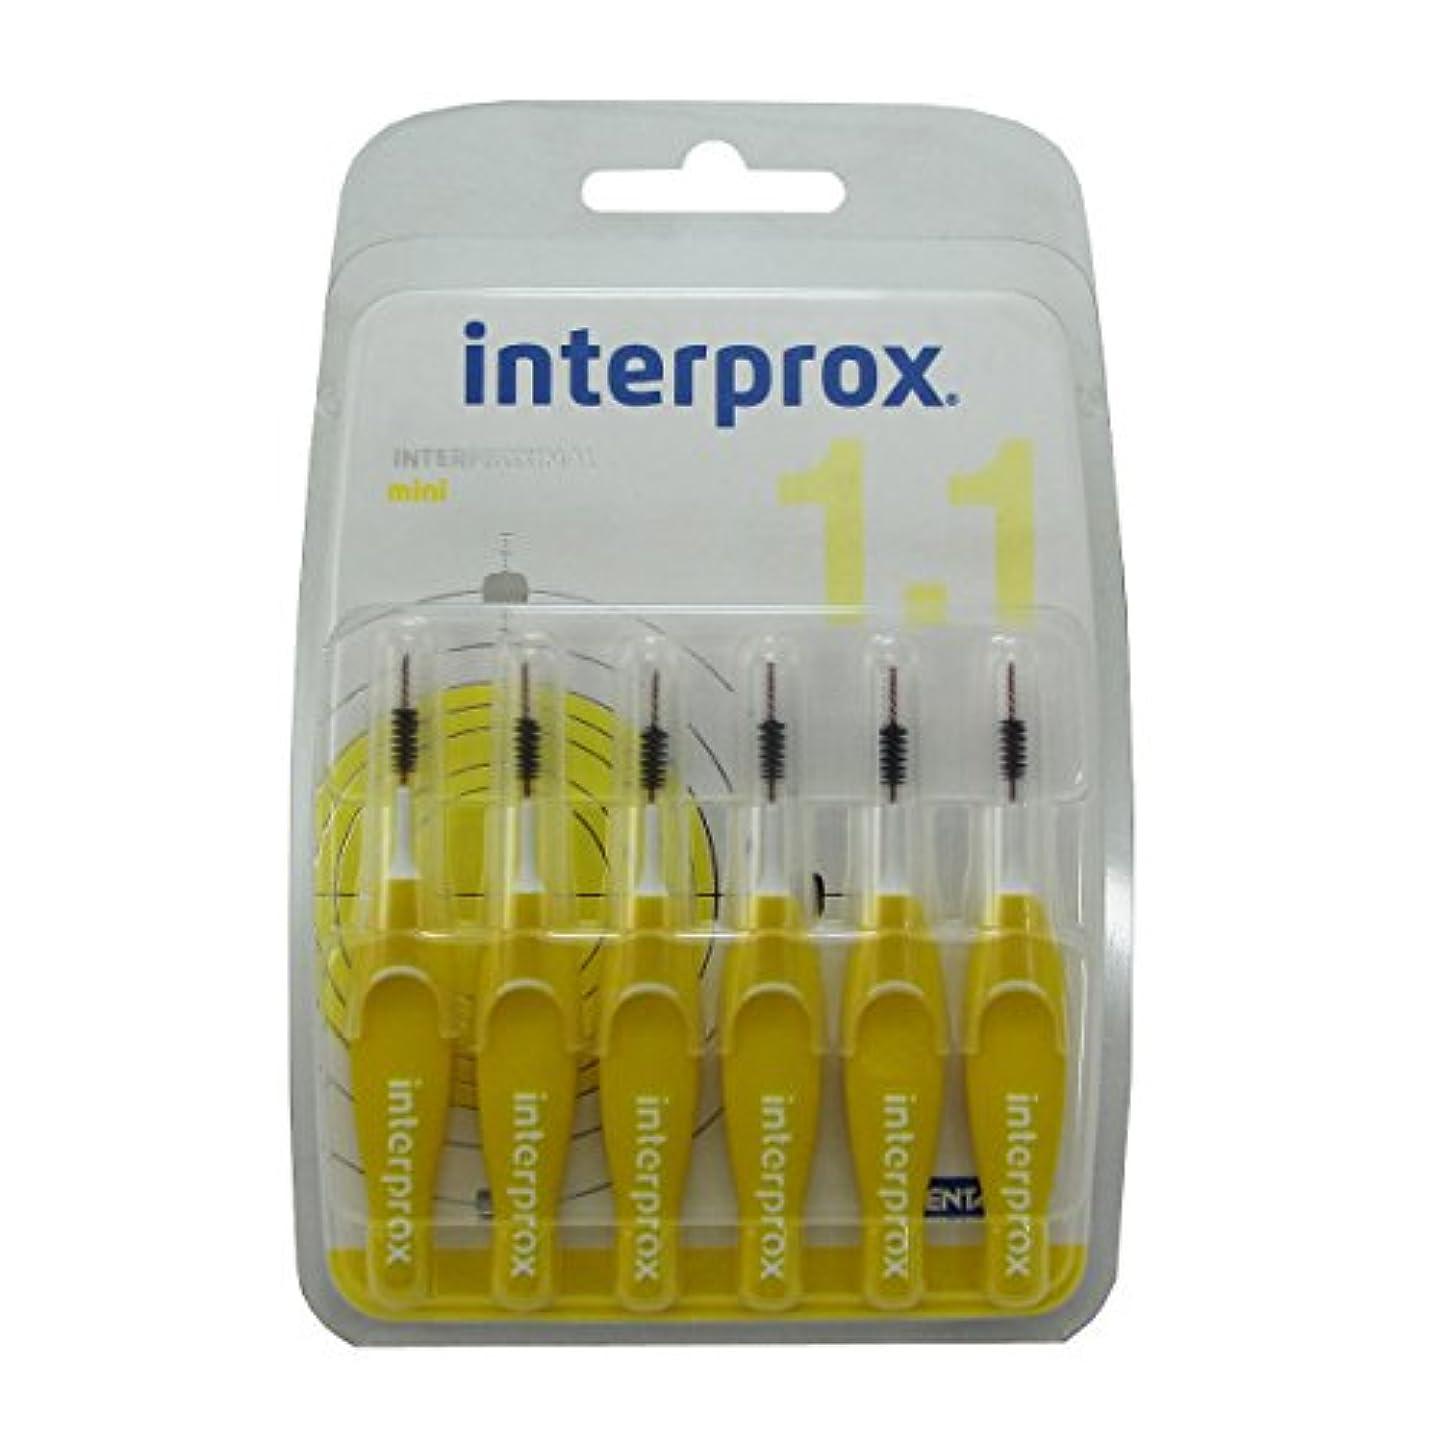 シティ政令マットInterprox Mini Flexible Brush 1.1 X6 [並行輸入品]